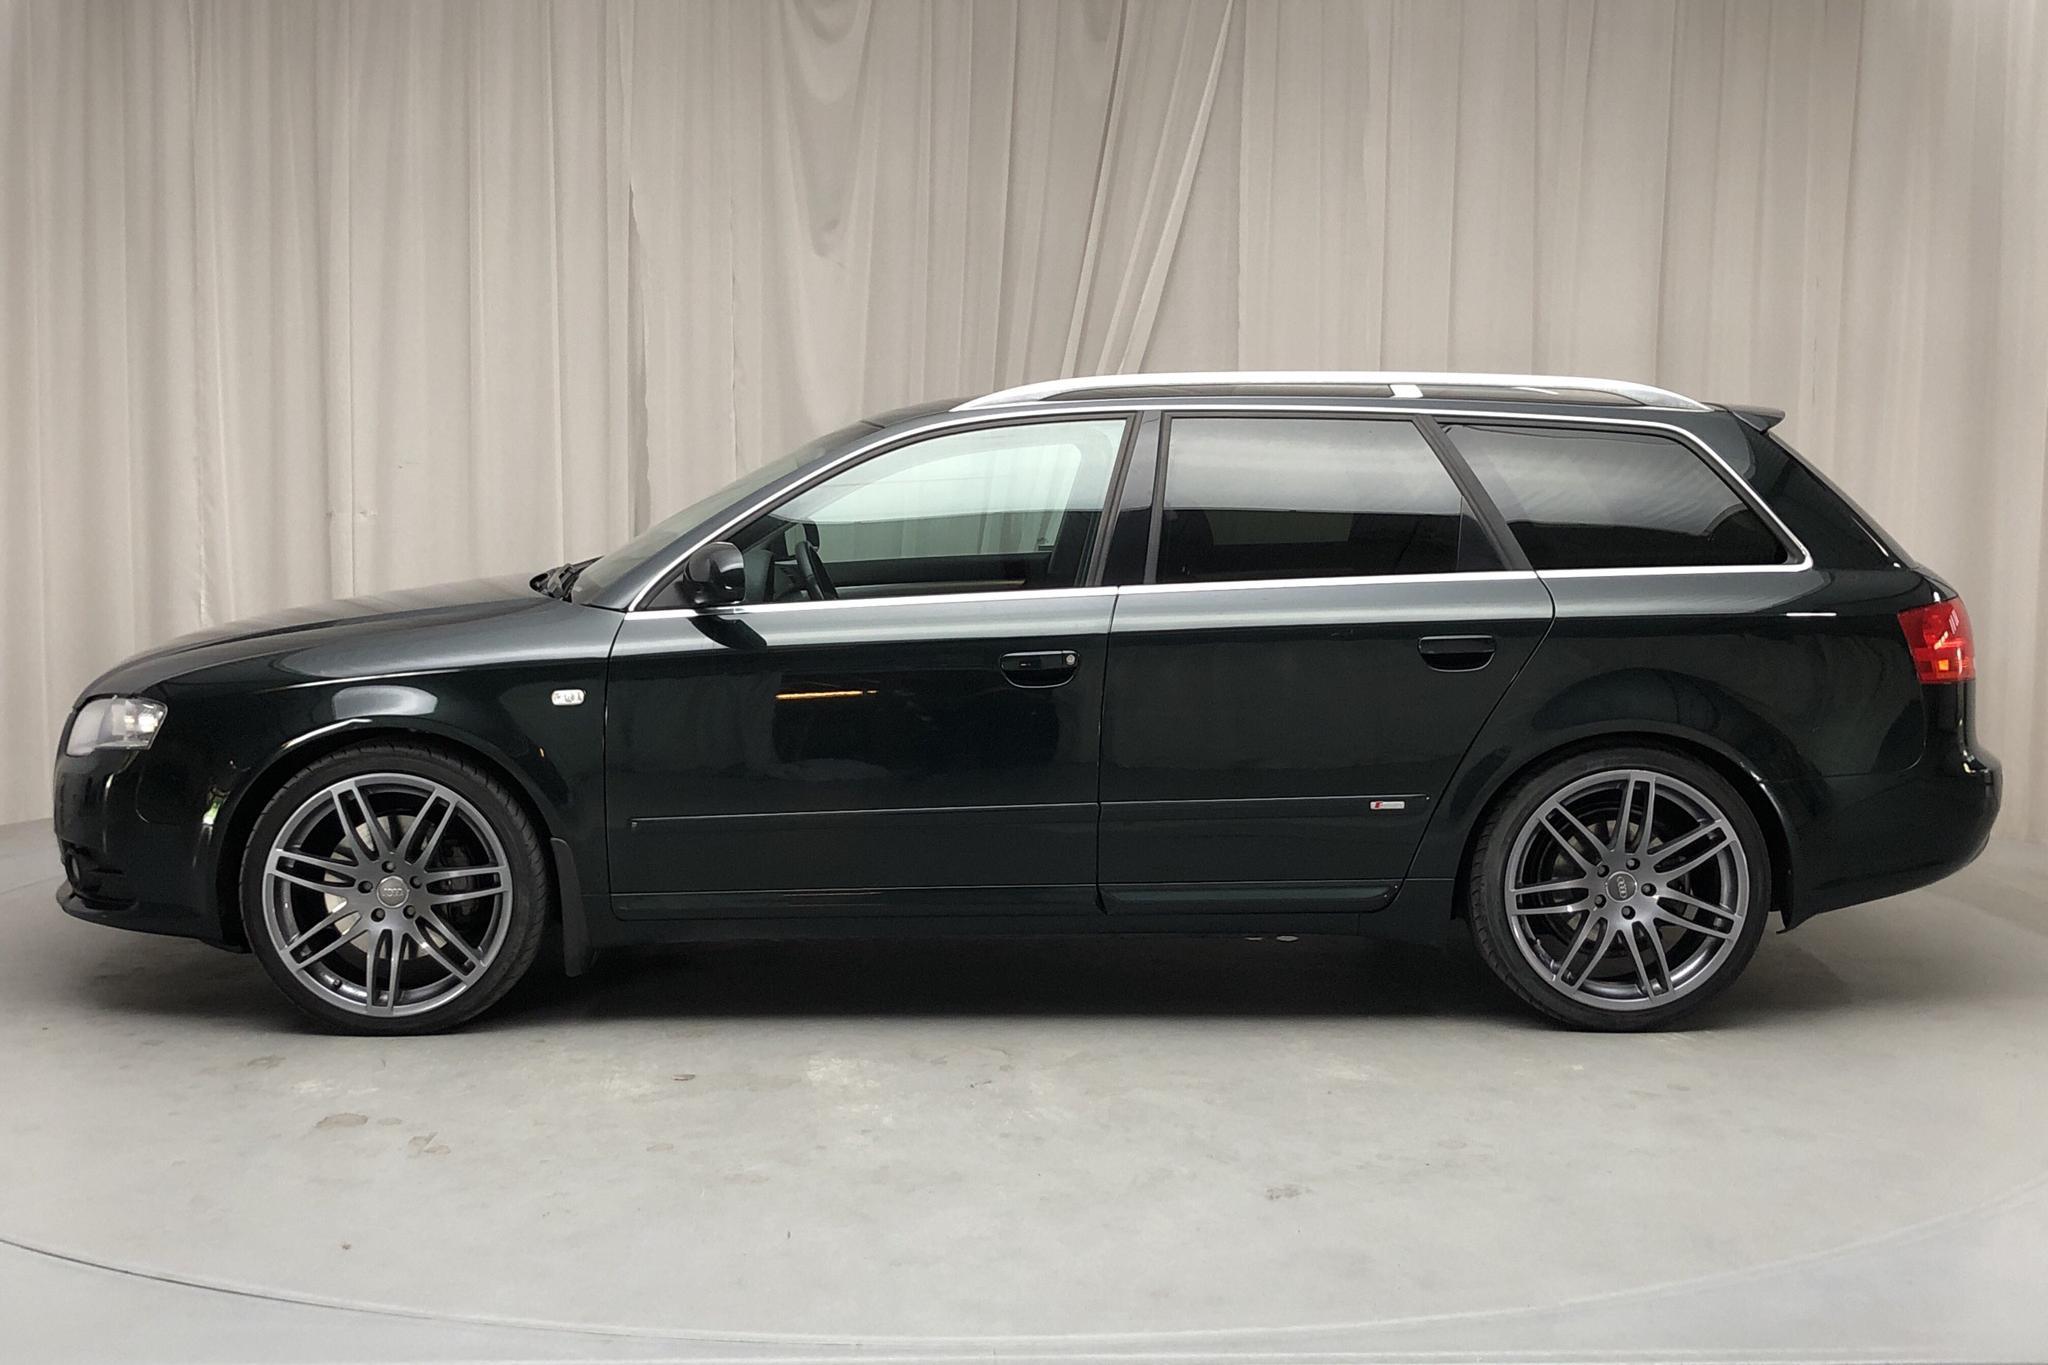 Audi A4 3.0 TDI Avant quattro (233hk) - 226 800 km - Automatic - Dark Green - 2008